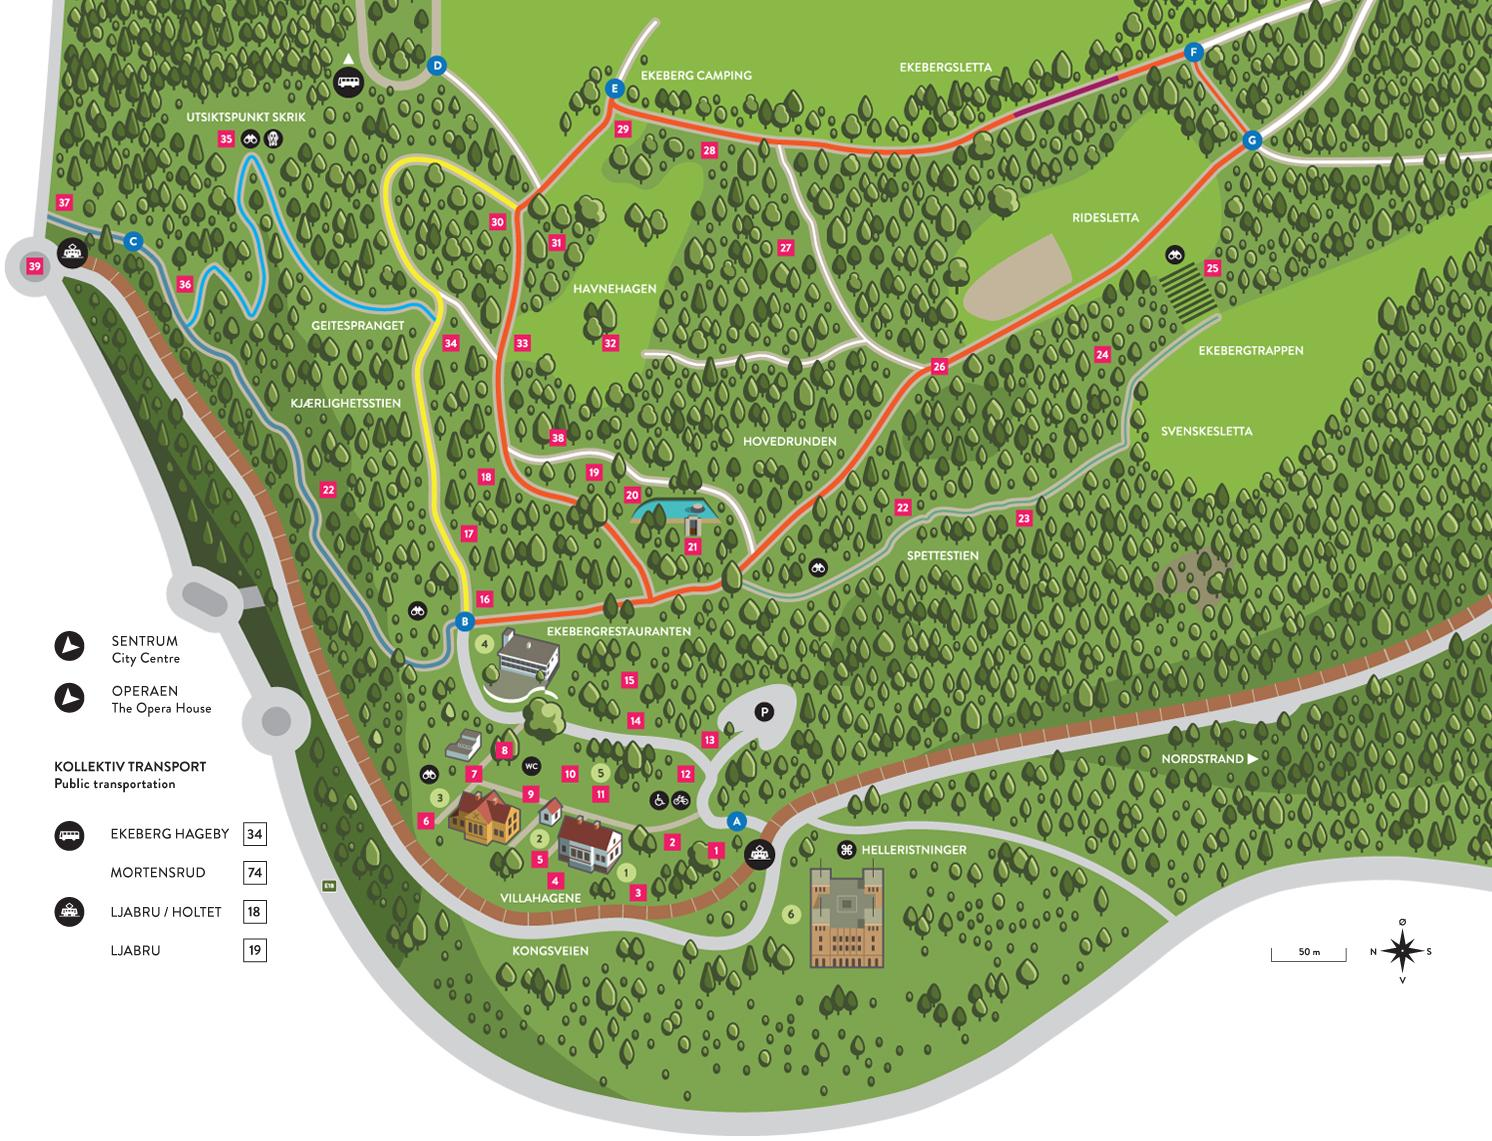 kart over ekebergsletta Kart | Ekebergparken kart over ekebergsletta